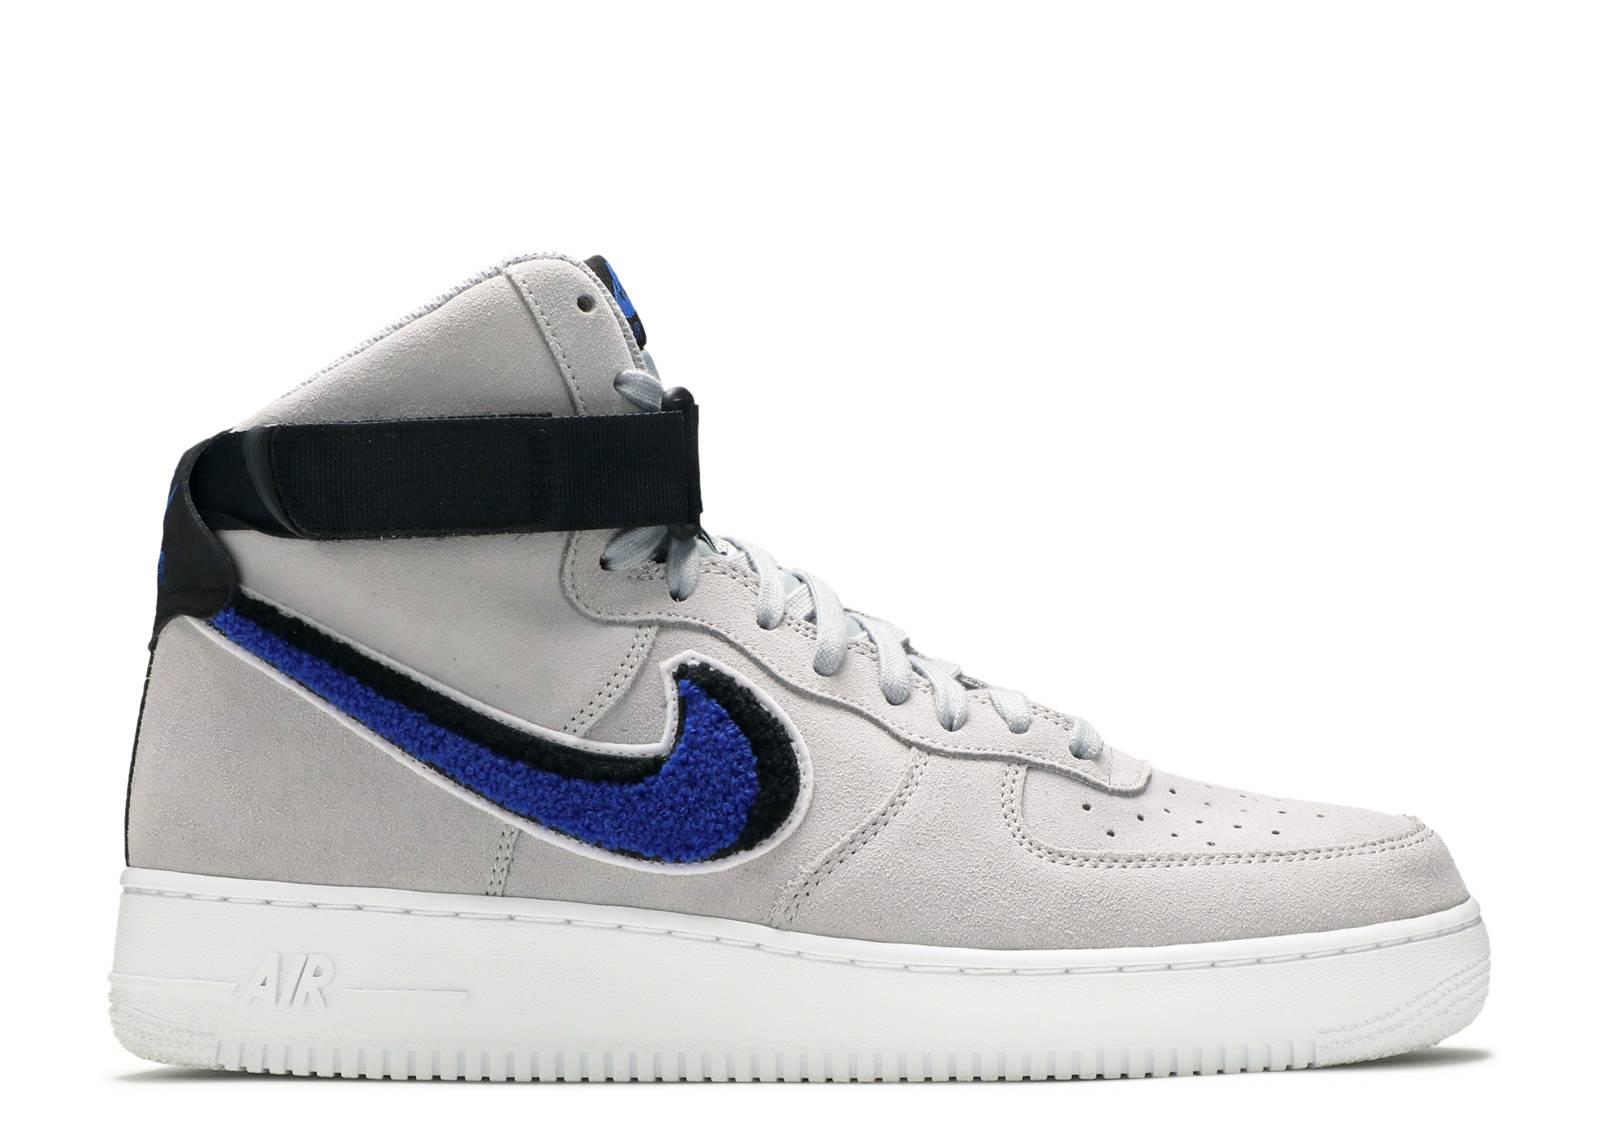 e13b2a451c5 Nike Air Force 1 High